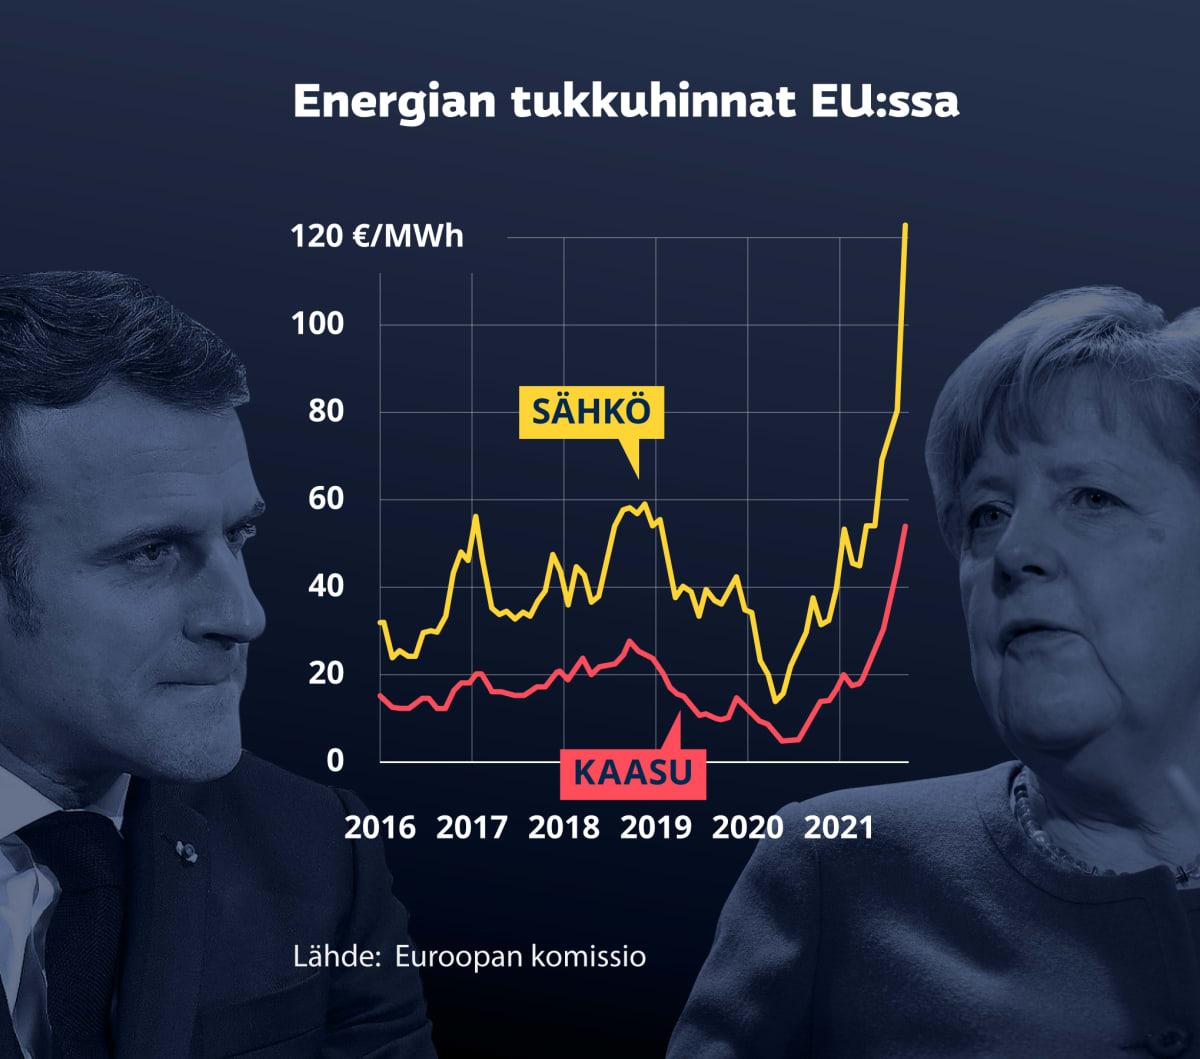 Grafiikka näyttää energian tukkuhinnan EU:ssa